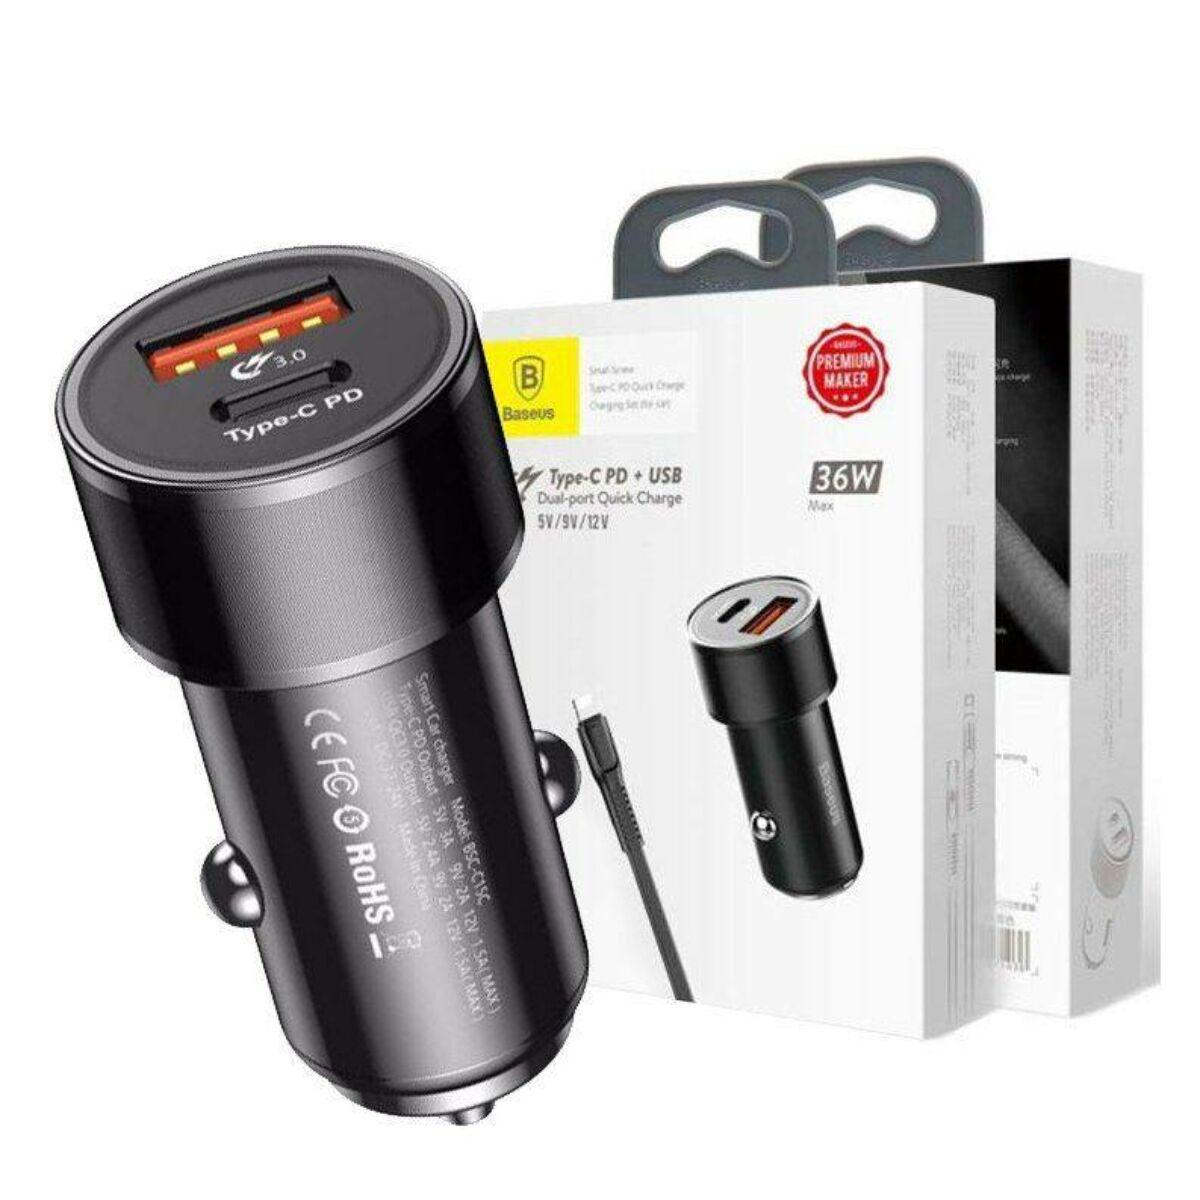 Baseus autós töltő, Small Screw Type-C PD gyors töltés 36W, fekete (TZXLD-01)